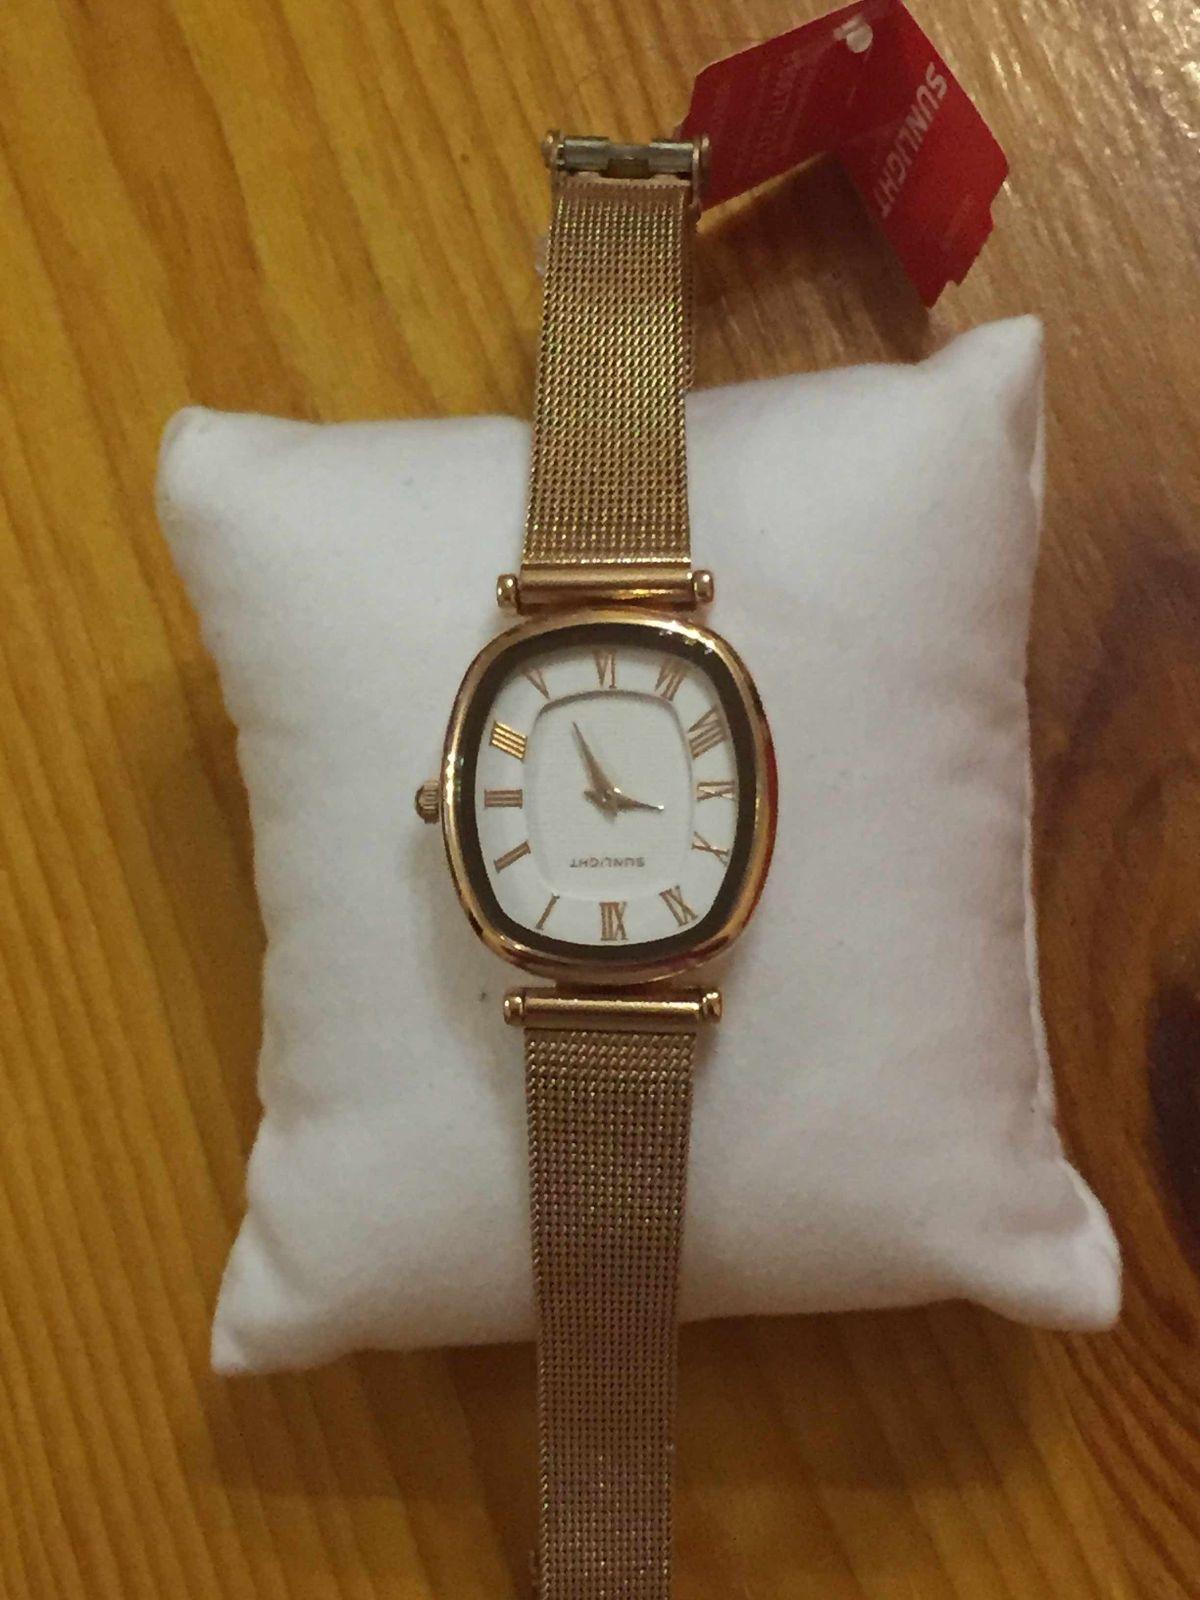 Отличные часы , покупкой осталась довольна ! магази рекомендую !